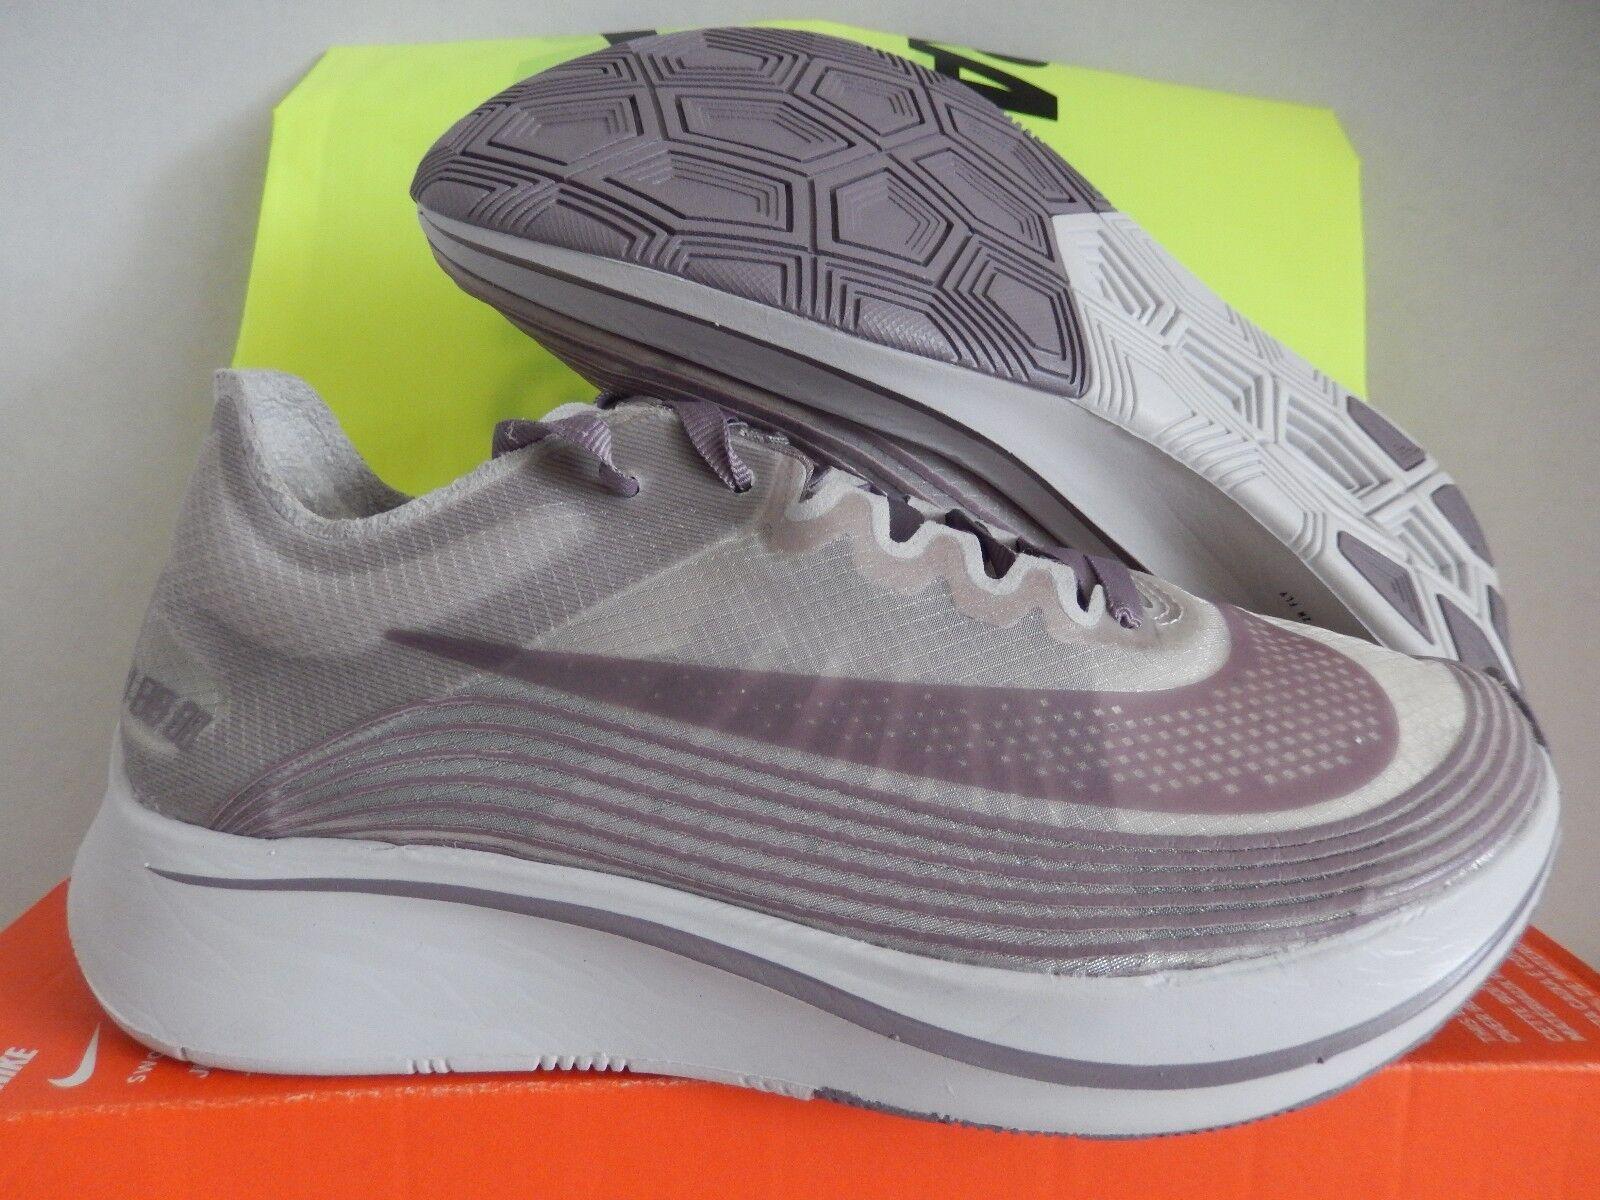 Nike nikelab zoom fly sp 6 grigio grigio  obsi sz 4.5 Uomo Donna sz 6   grigio 2ea7f2